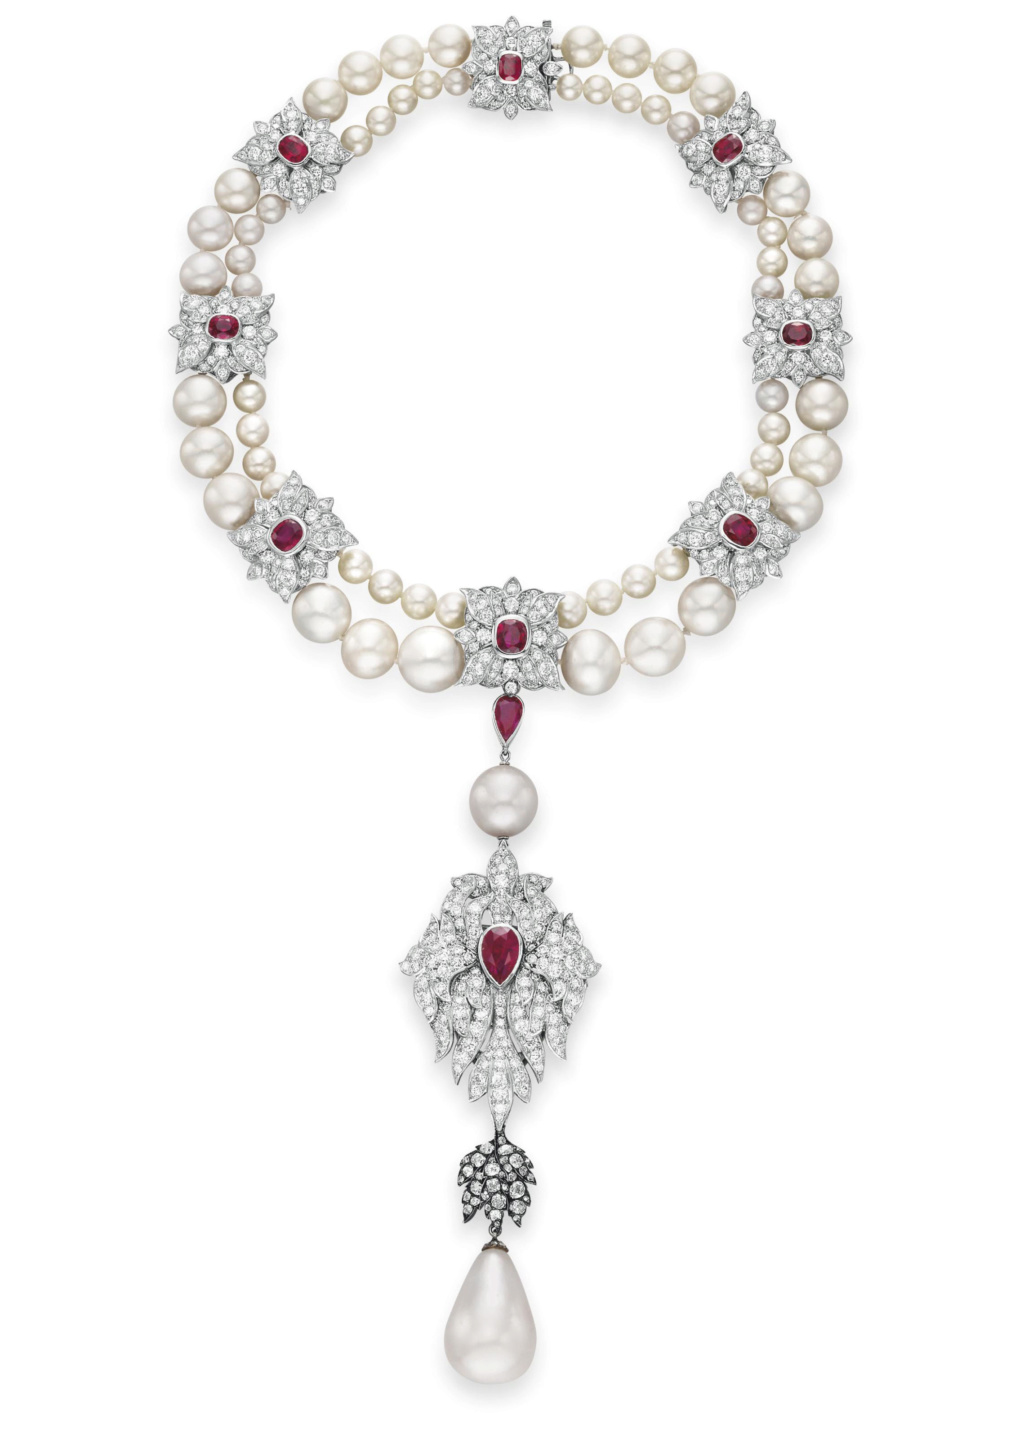 Quatre perles parmi les plus célèbres au monde : La Régente (Perle Napoléon), La Pélégrina, La Pérégrina, La perle de Marie-Antoinette - Page 2 2011_n15